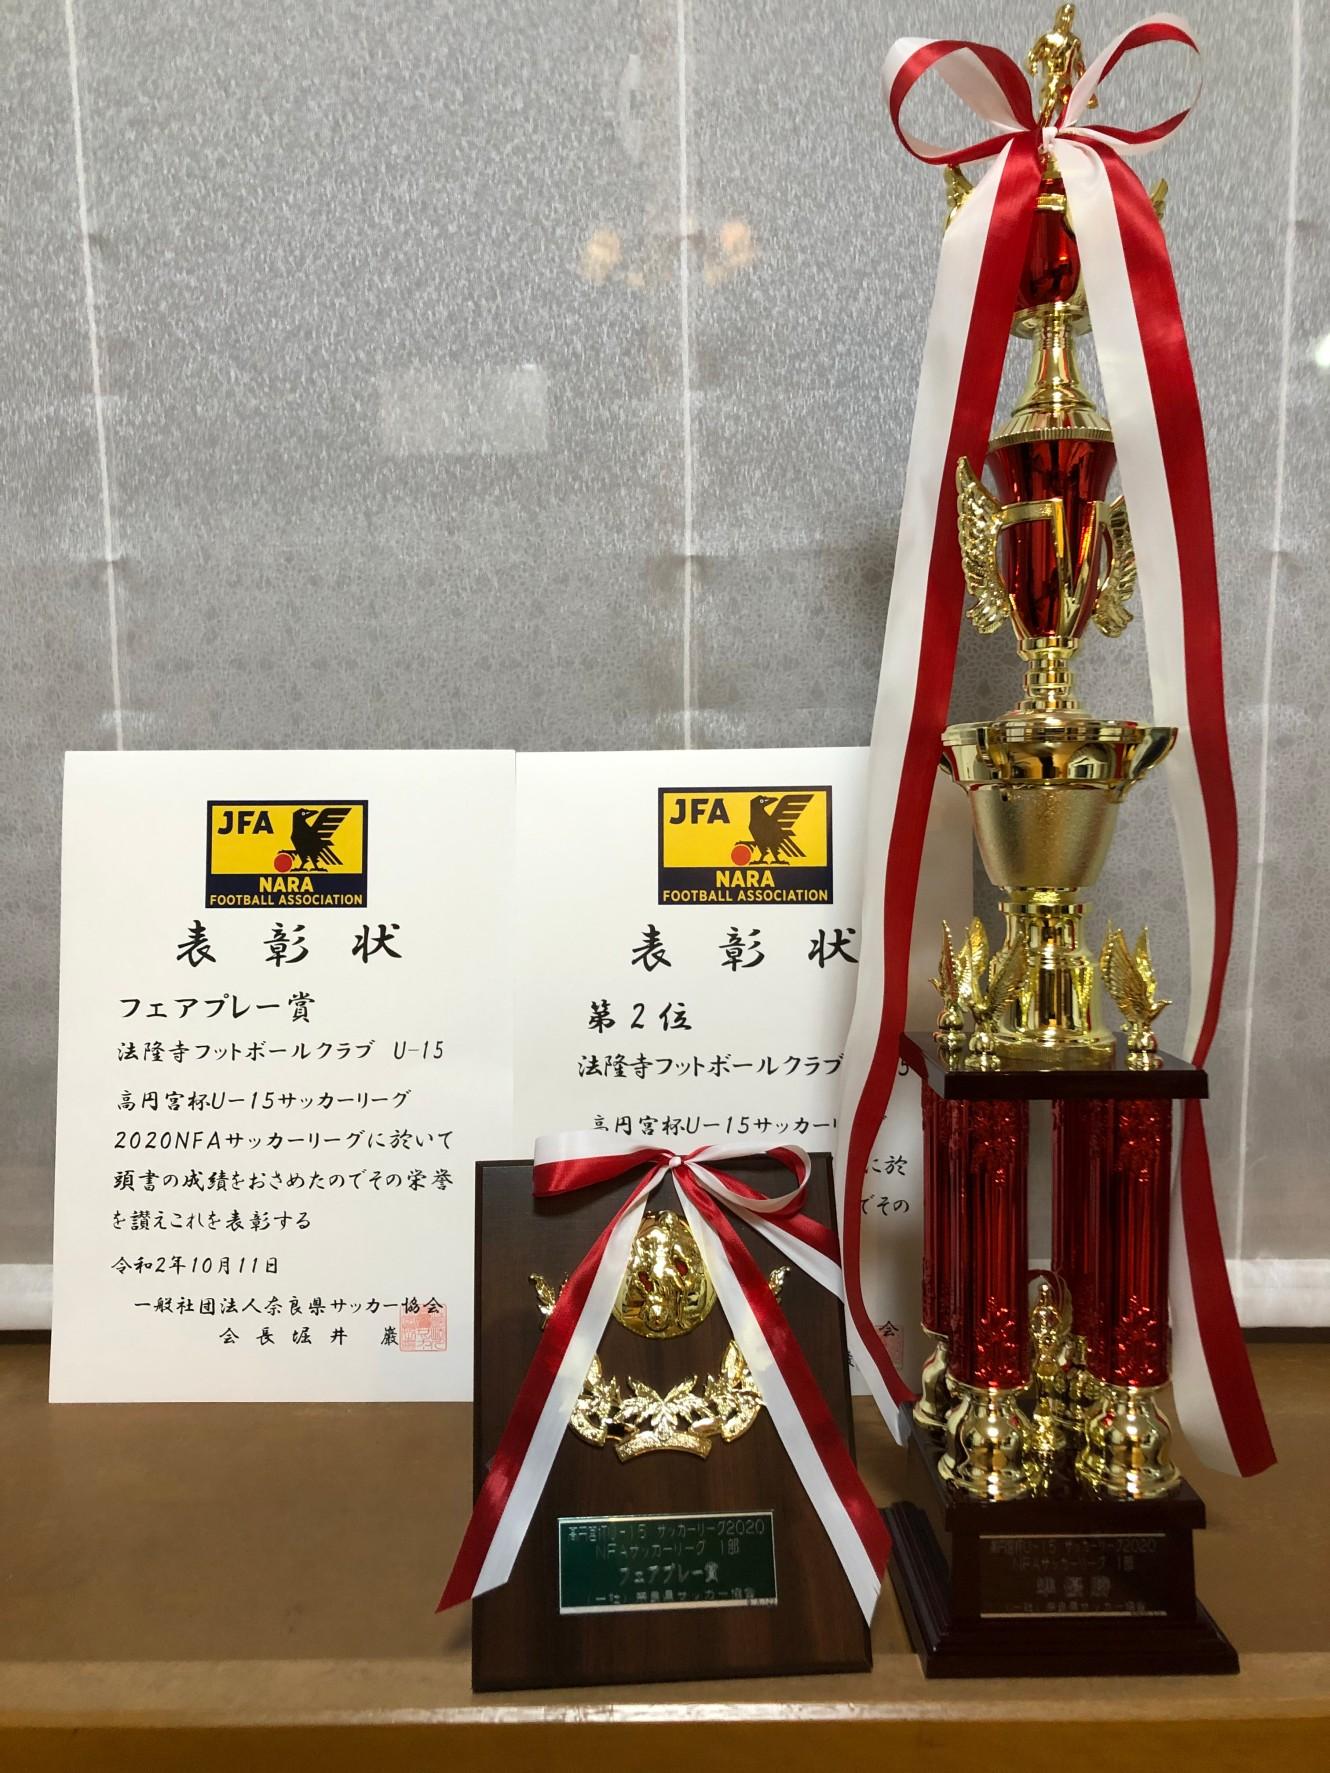 高円宮杯 奈良県U-15サッカーリーグの表彰